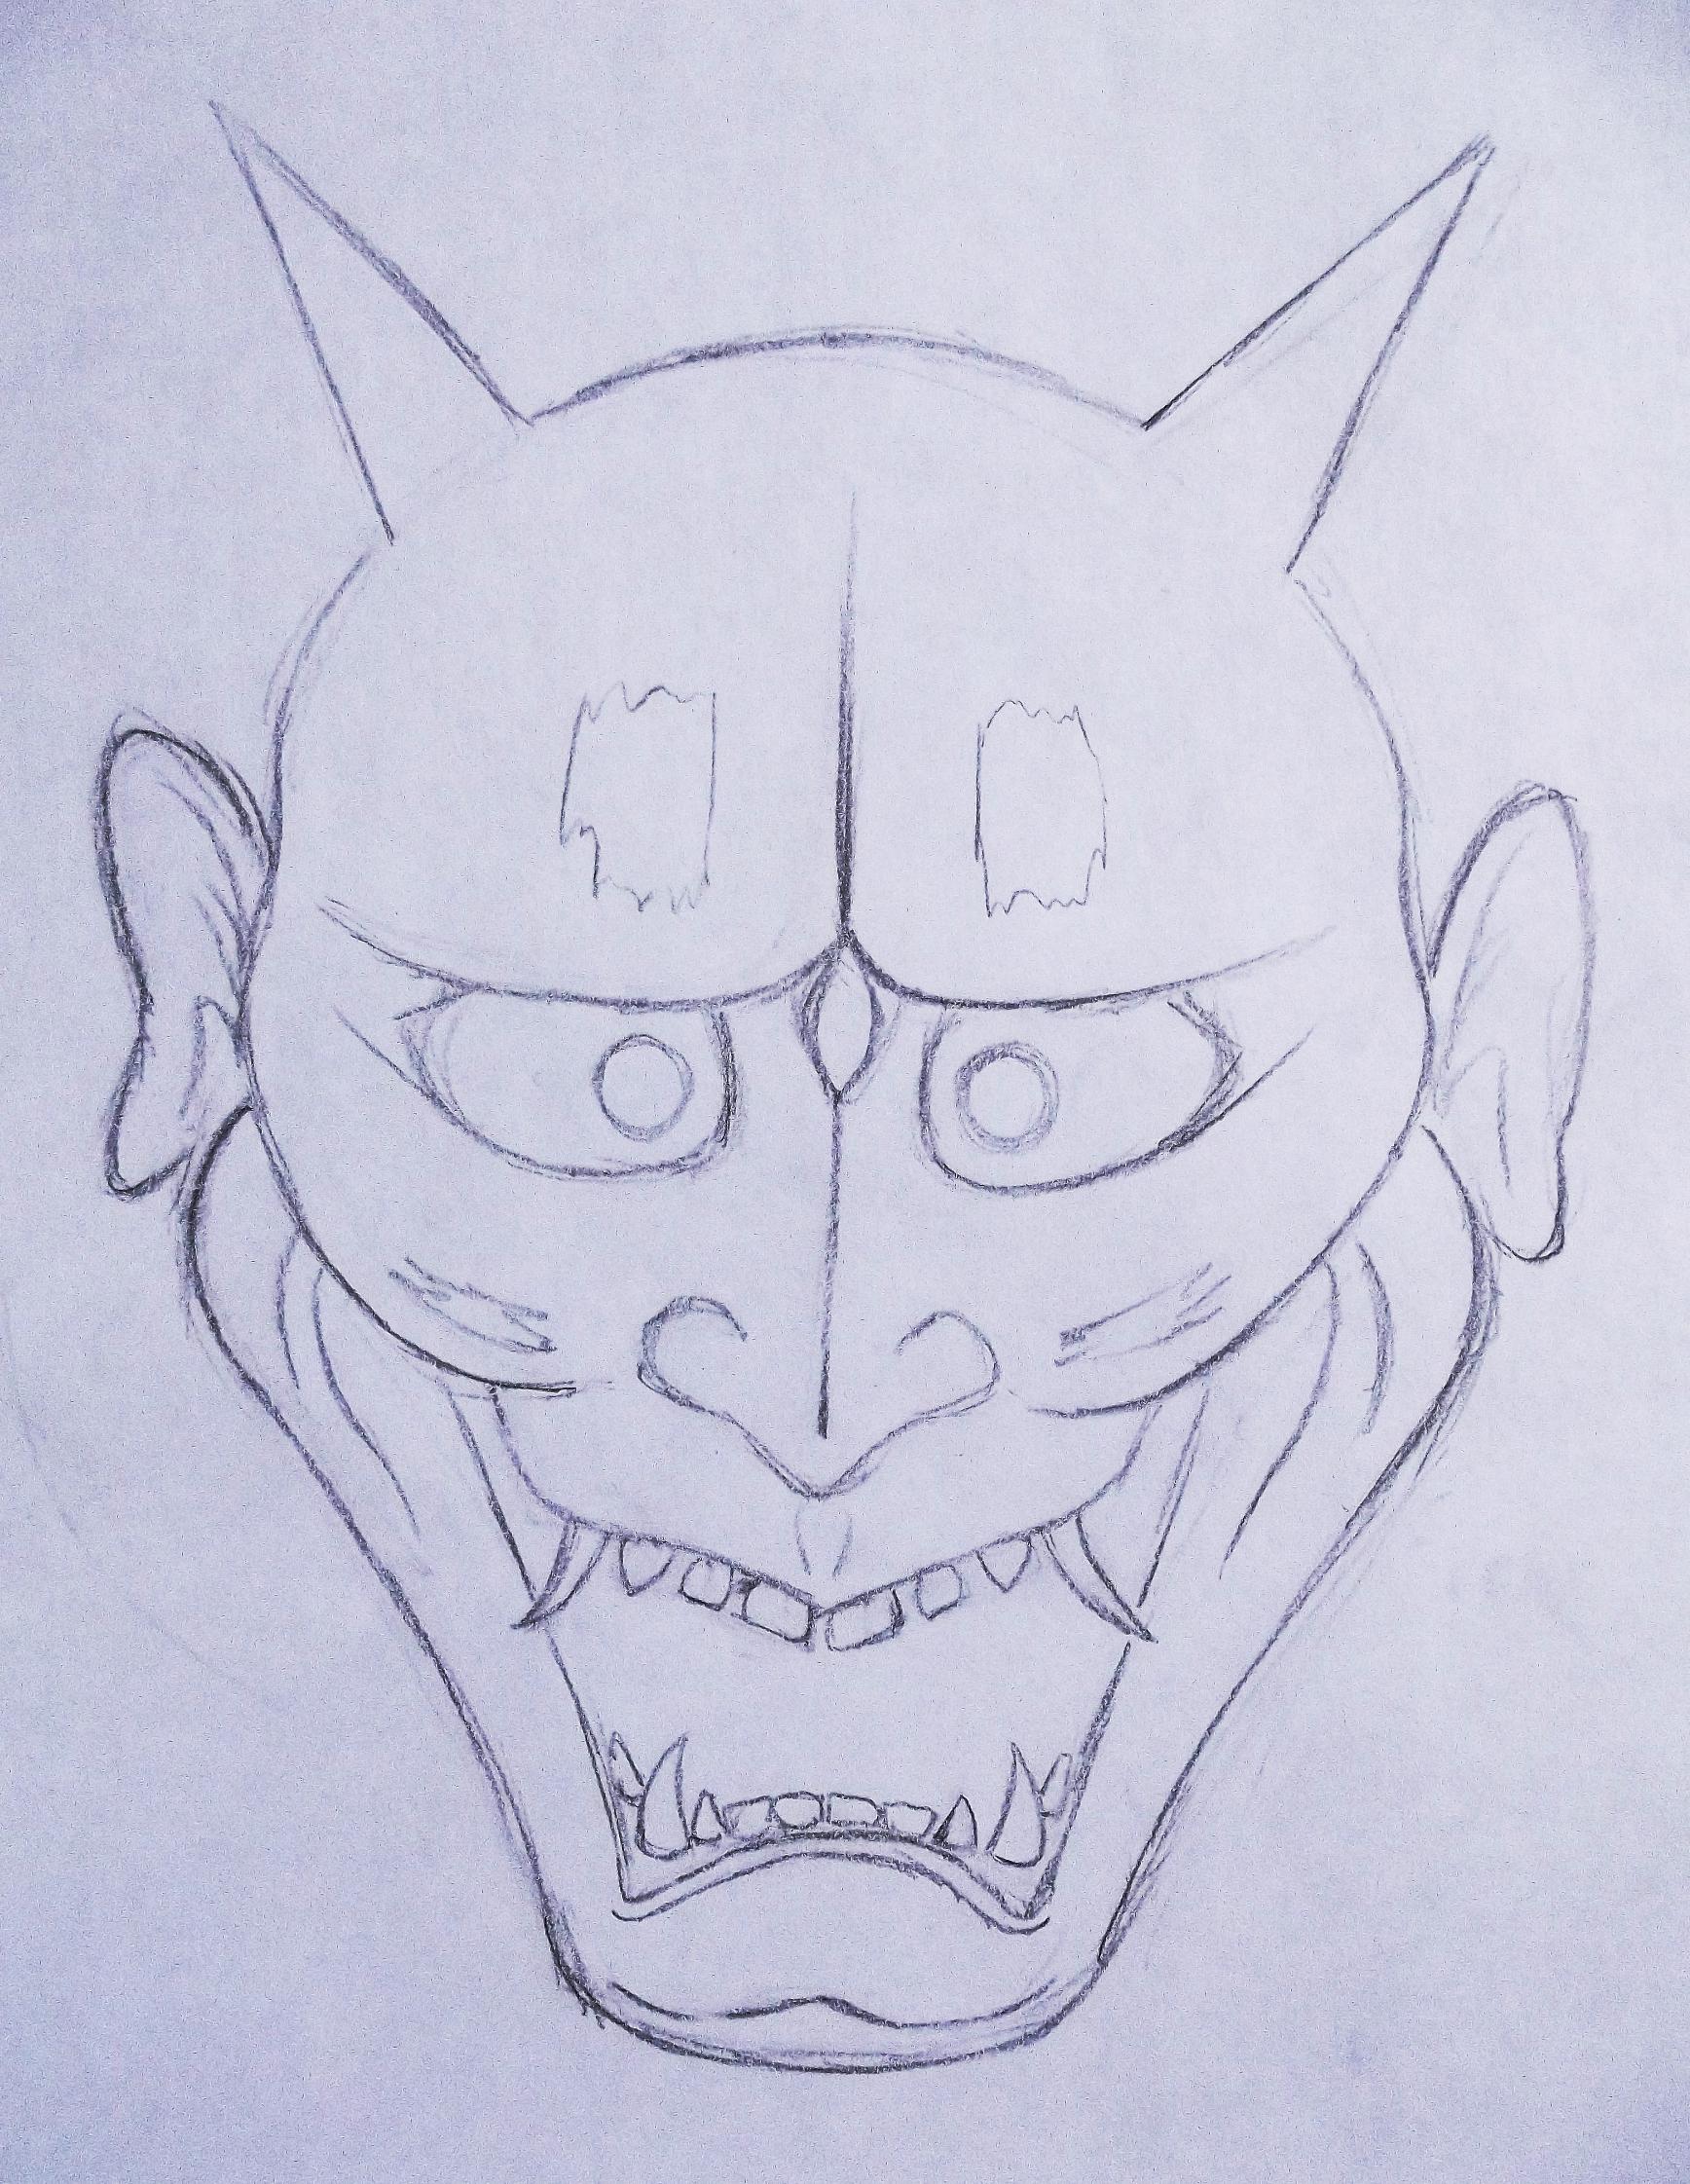 02_OP-Shogun